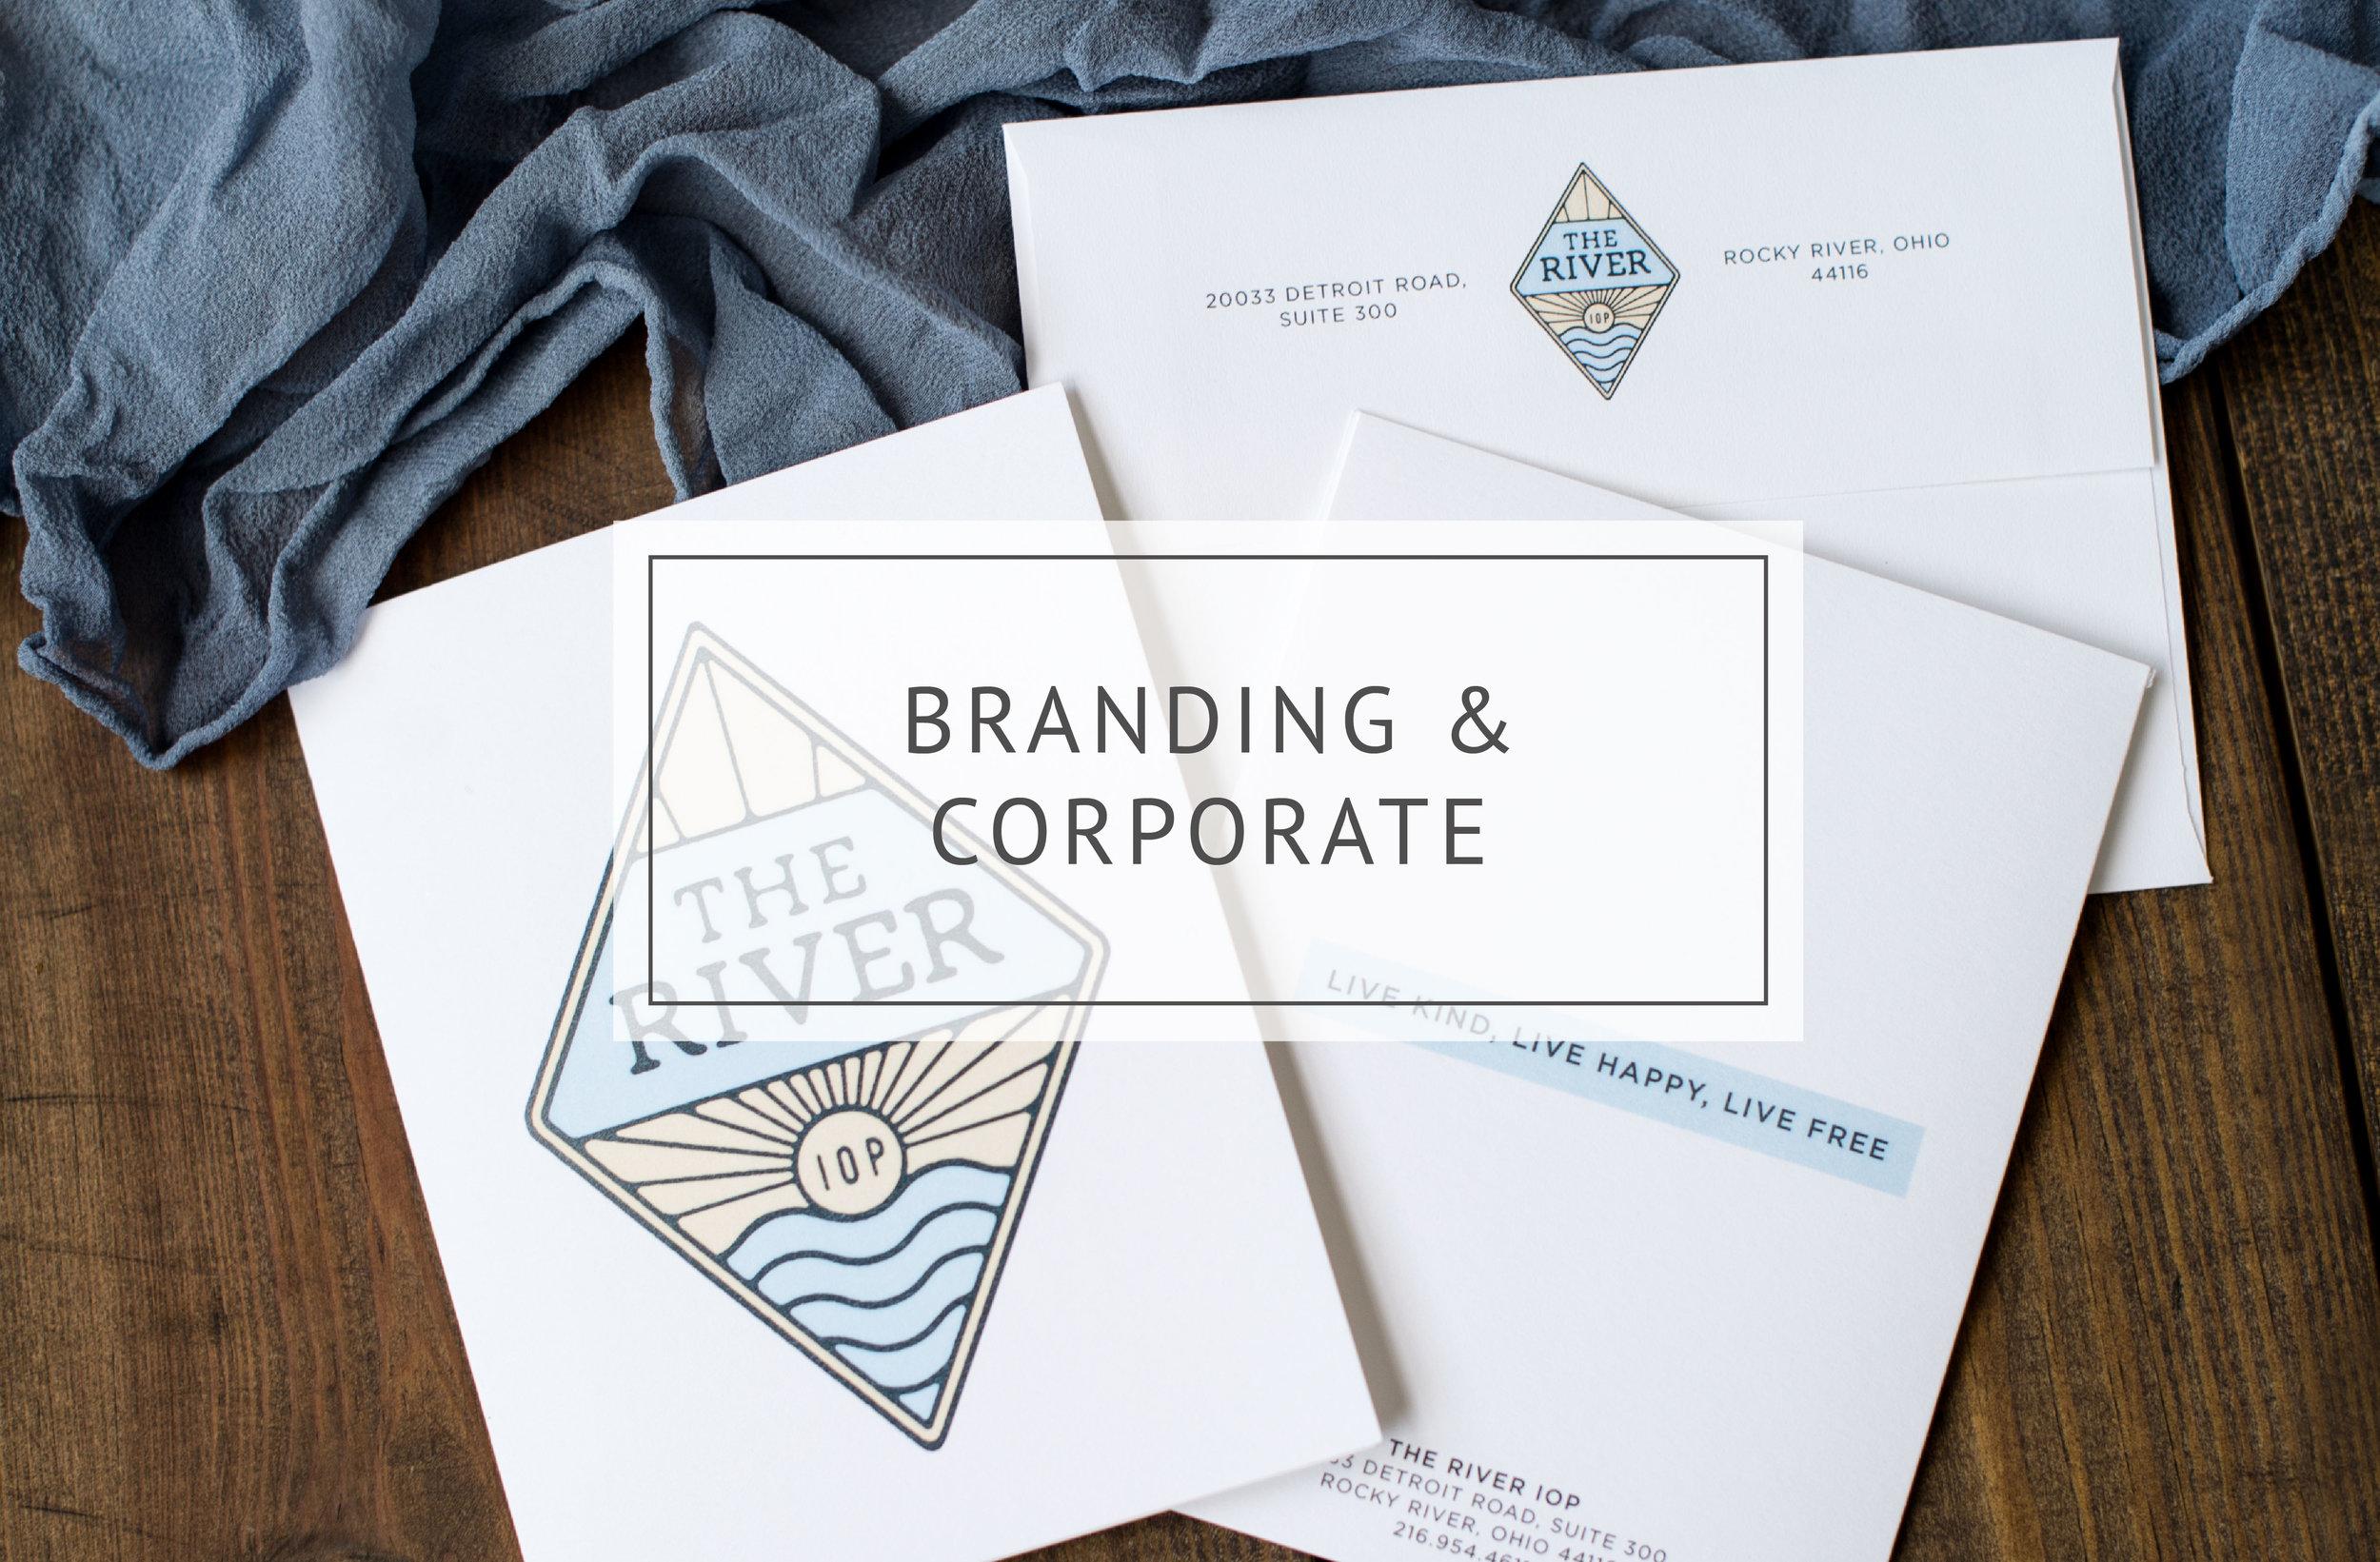 branding and corporate-01.jpg